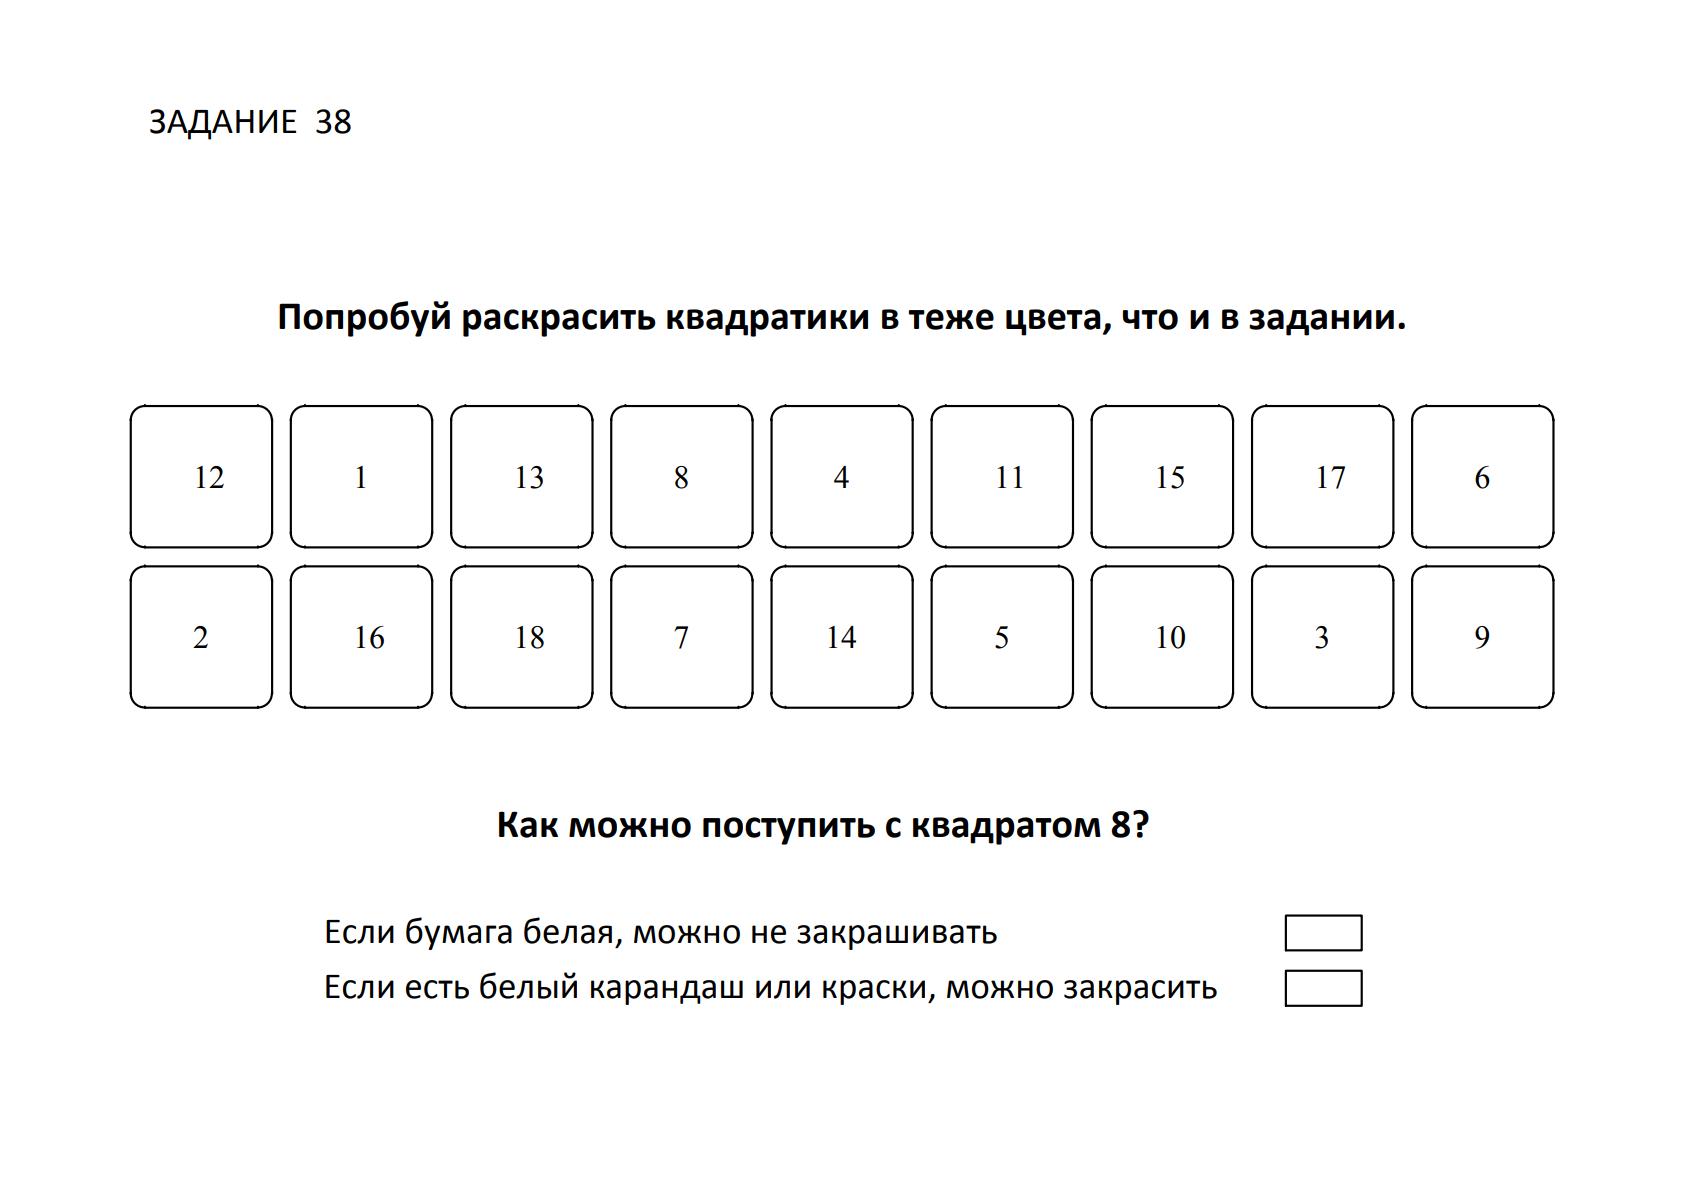 Задание 38 в тест игре Ольгины Задачки.